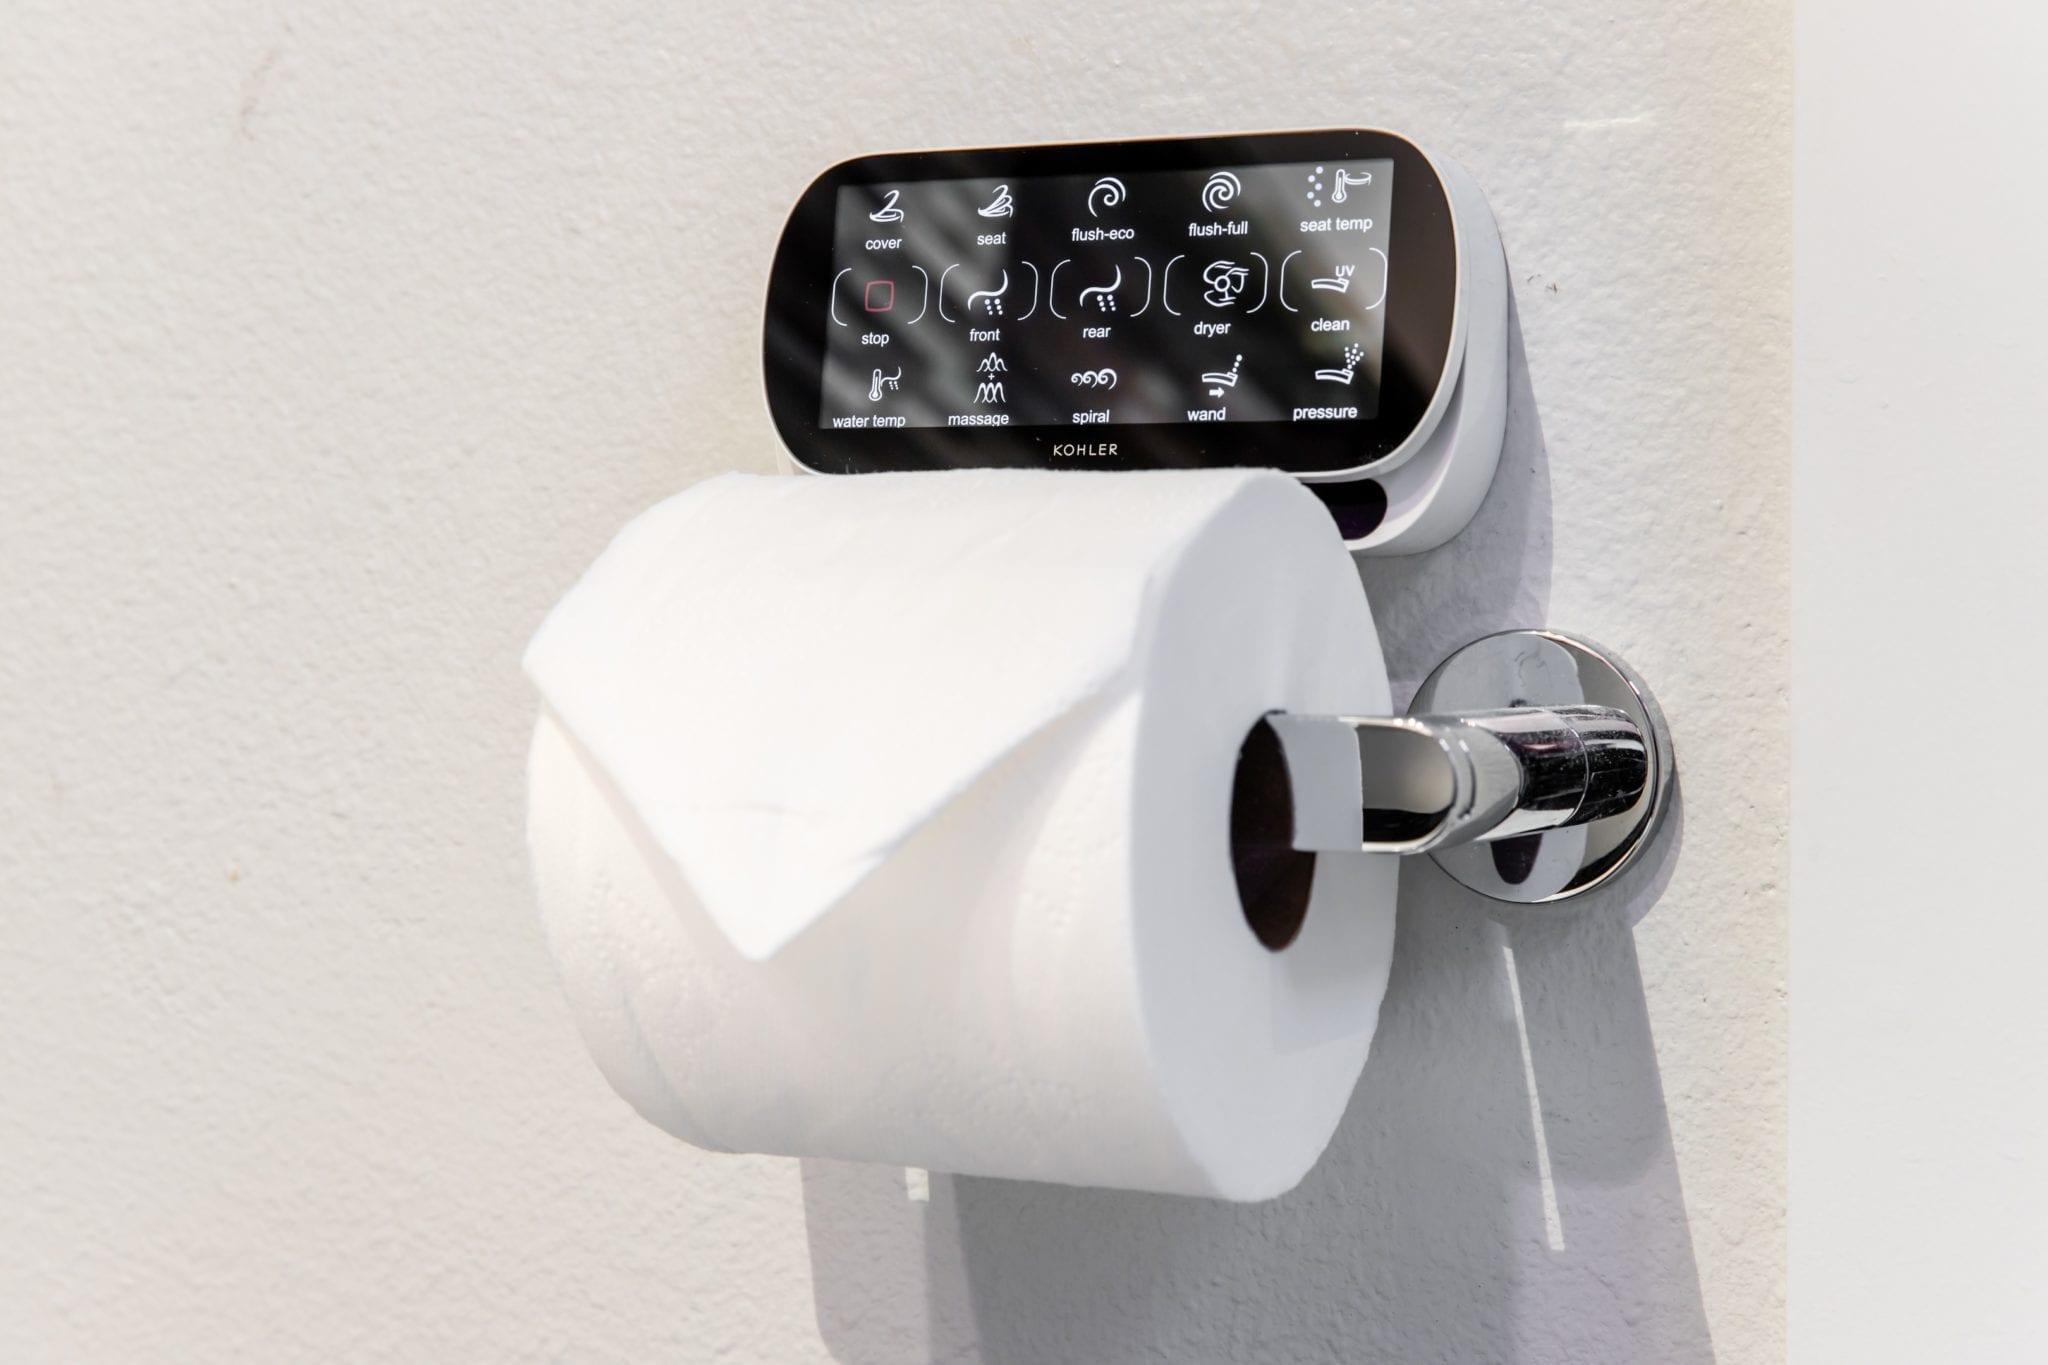 Westside Bathroom Remodel Kohler VeilR Toilet Remote and ComposedR Pivot Tissue Holder Dallas 75219